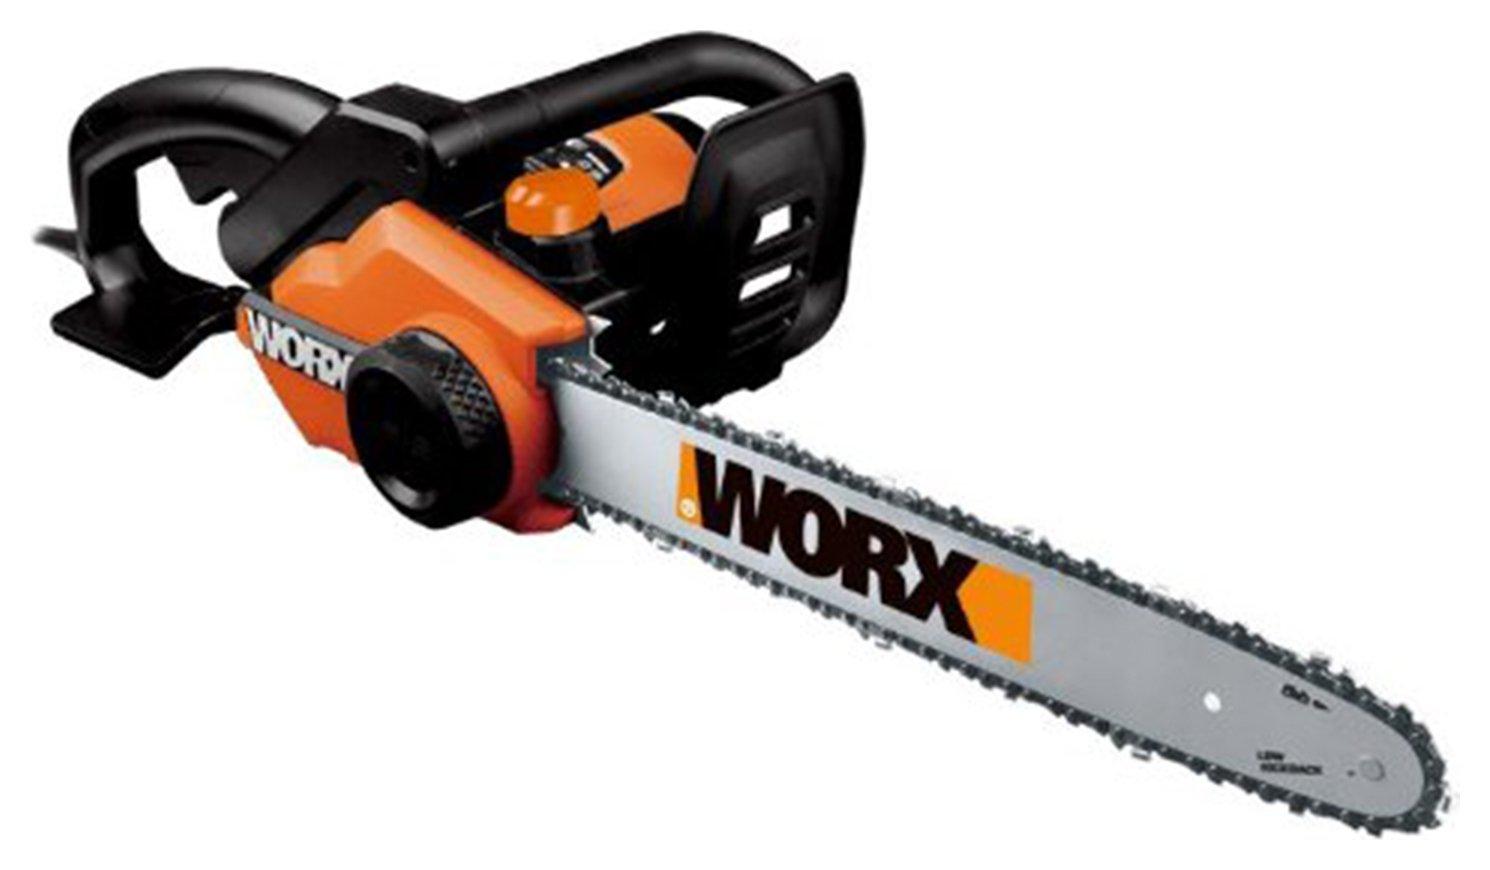 WORX WG303E 40cm Electric Chainsaw with - 2000W